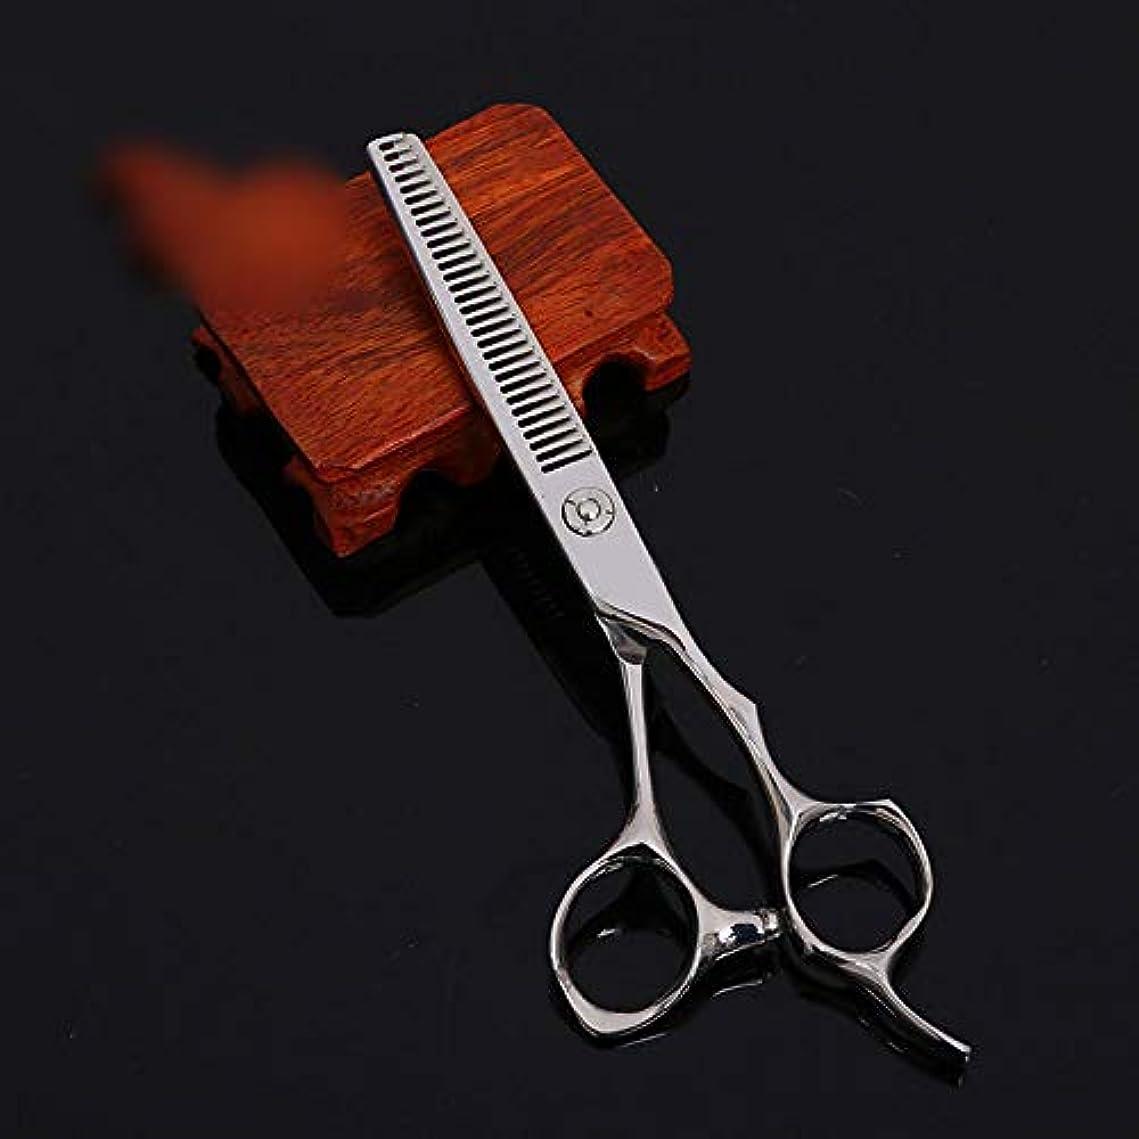 チャーターウミウシ領域理髪用はさみ 6インチ美容院プロの理髪はさみ、歯切断高品質理髪ツールヘアカット鋏ステンレス理髪はさみ (色 : Silver)